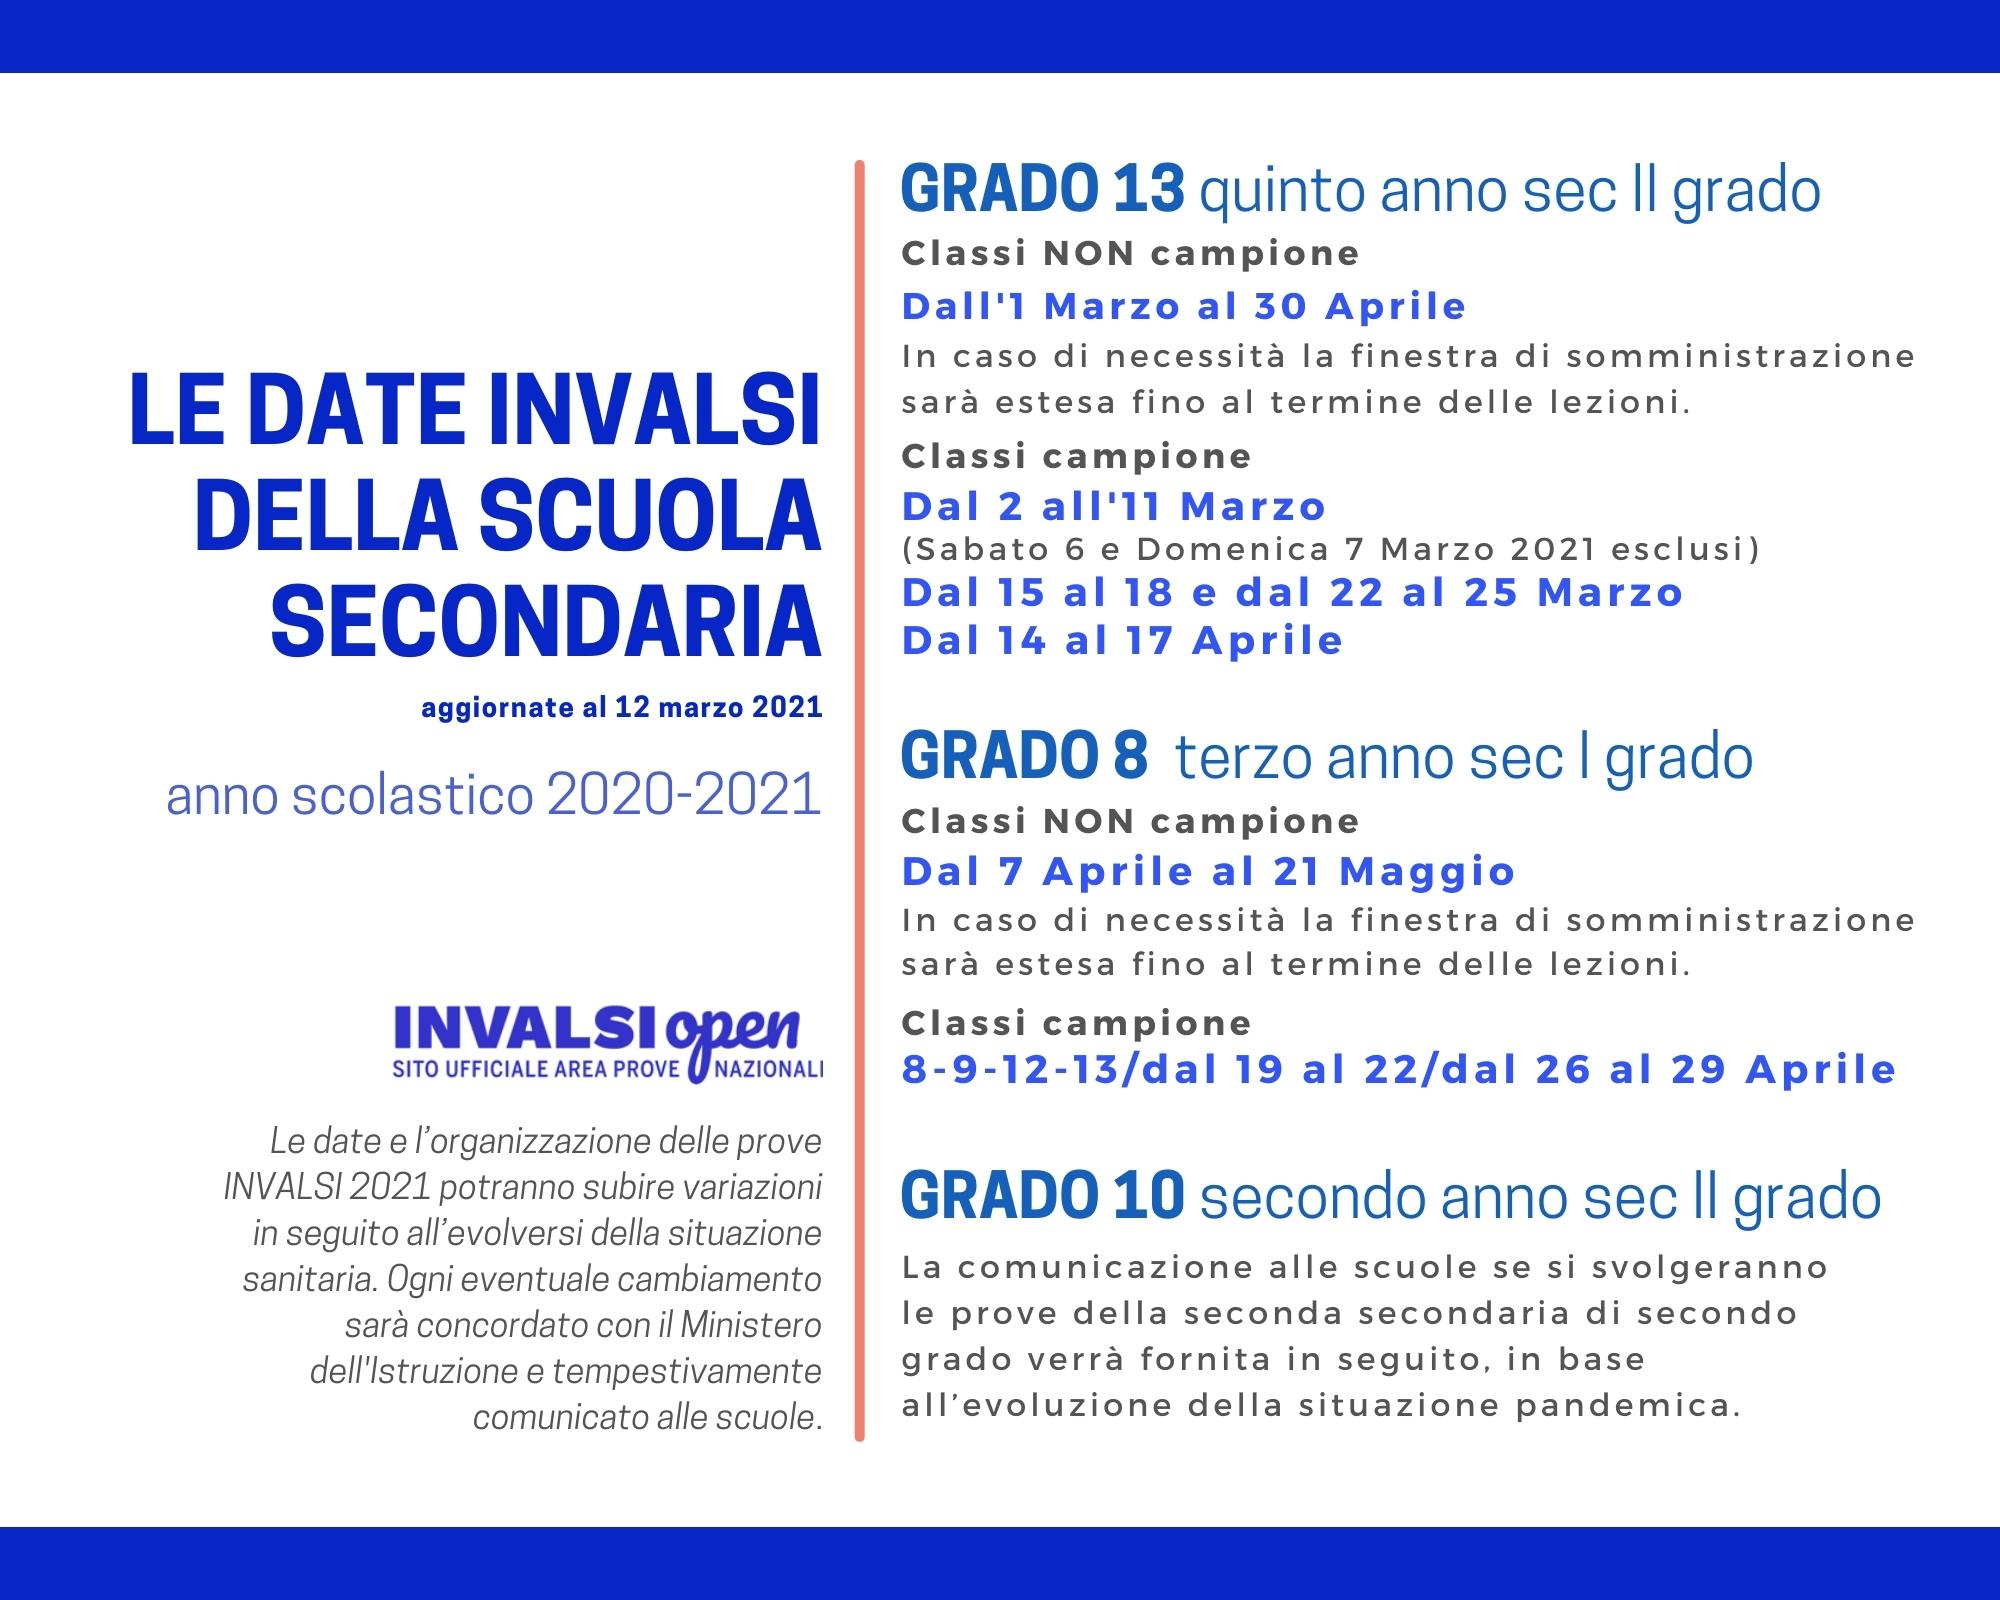 Calendario Prove INVALSI 2021 - Scuola secondaria